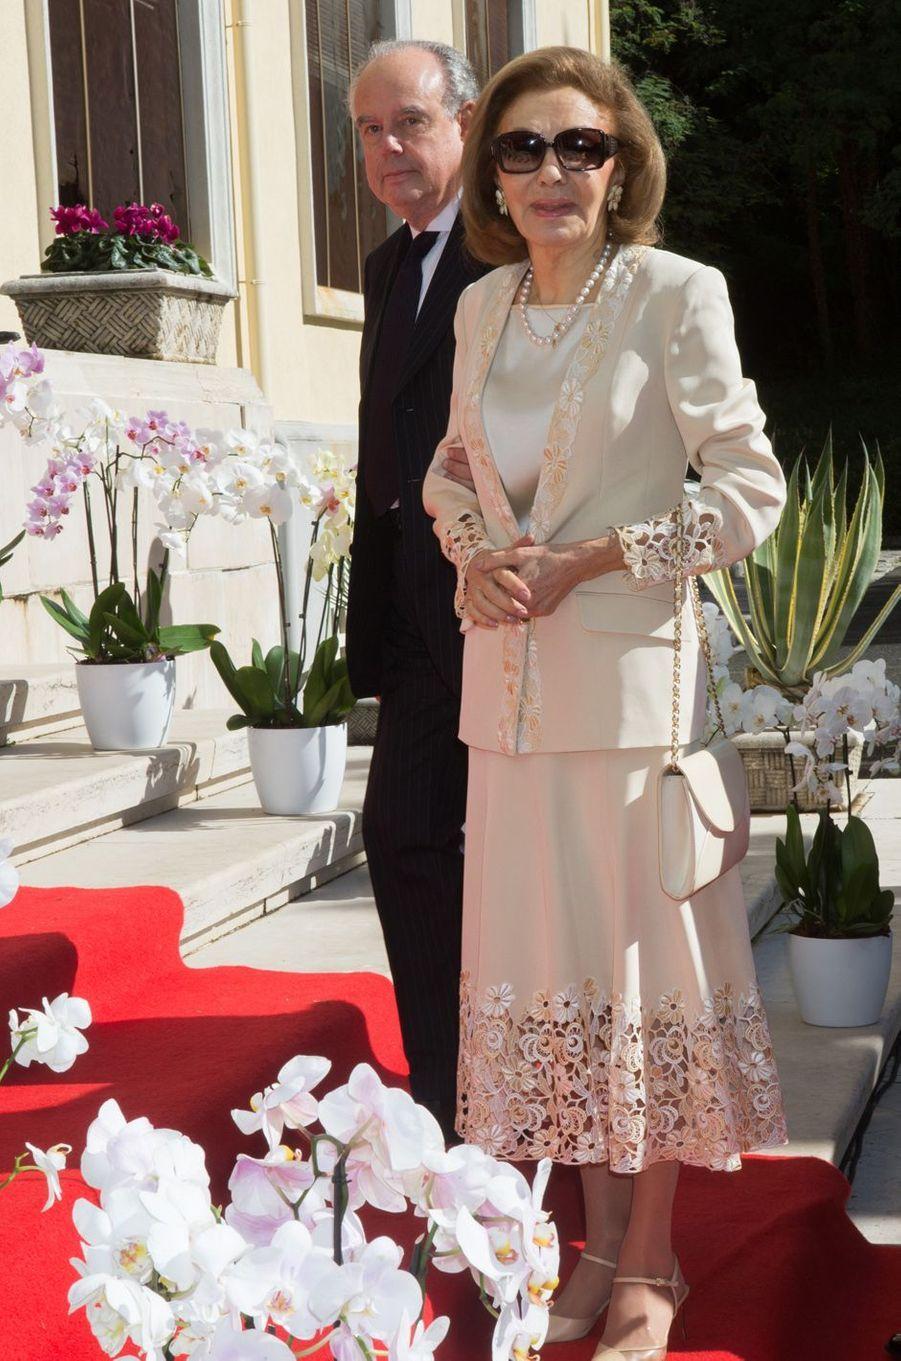 Frédéric Mitterrand et l'impératrice d'Iran Farah Pahlavi